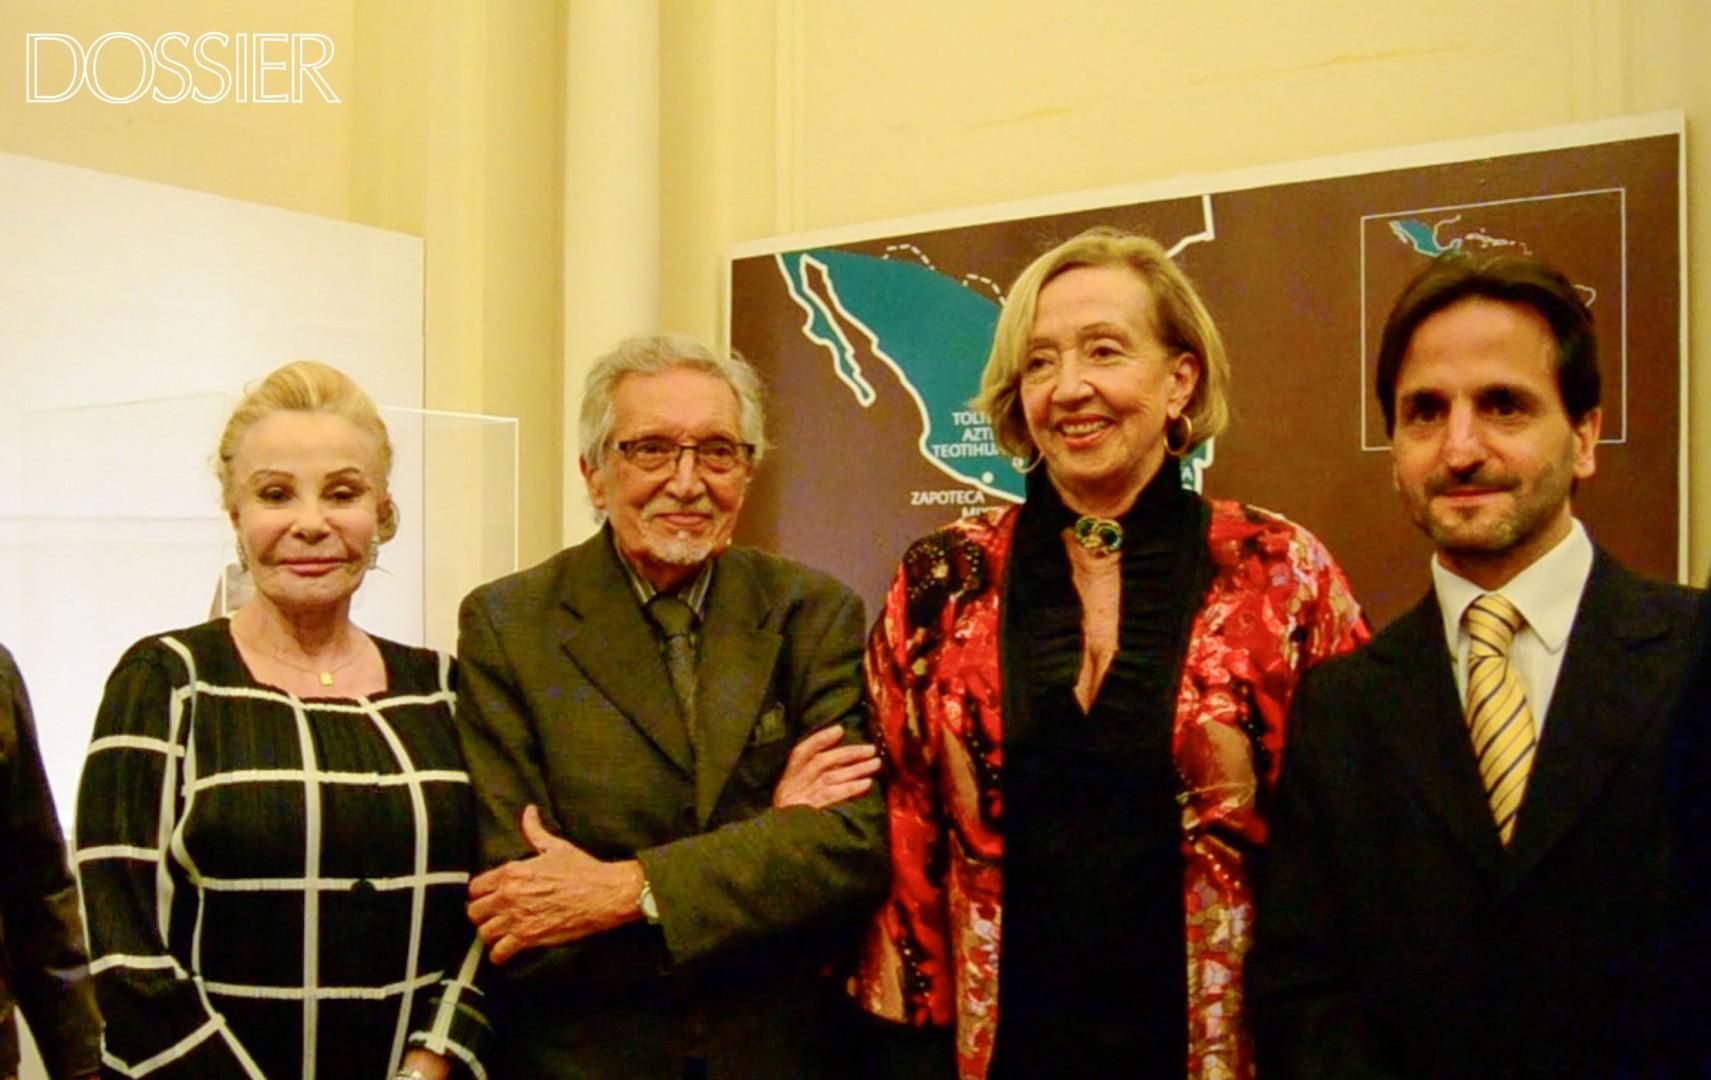 Lætitia d'Arenberg, Mariano Arana, María Julia Muñoz y Facundo Almeida